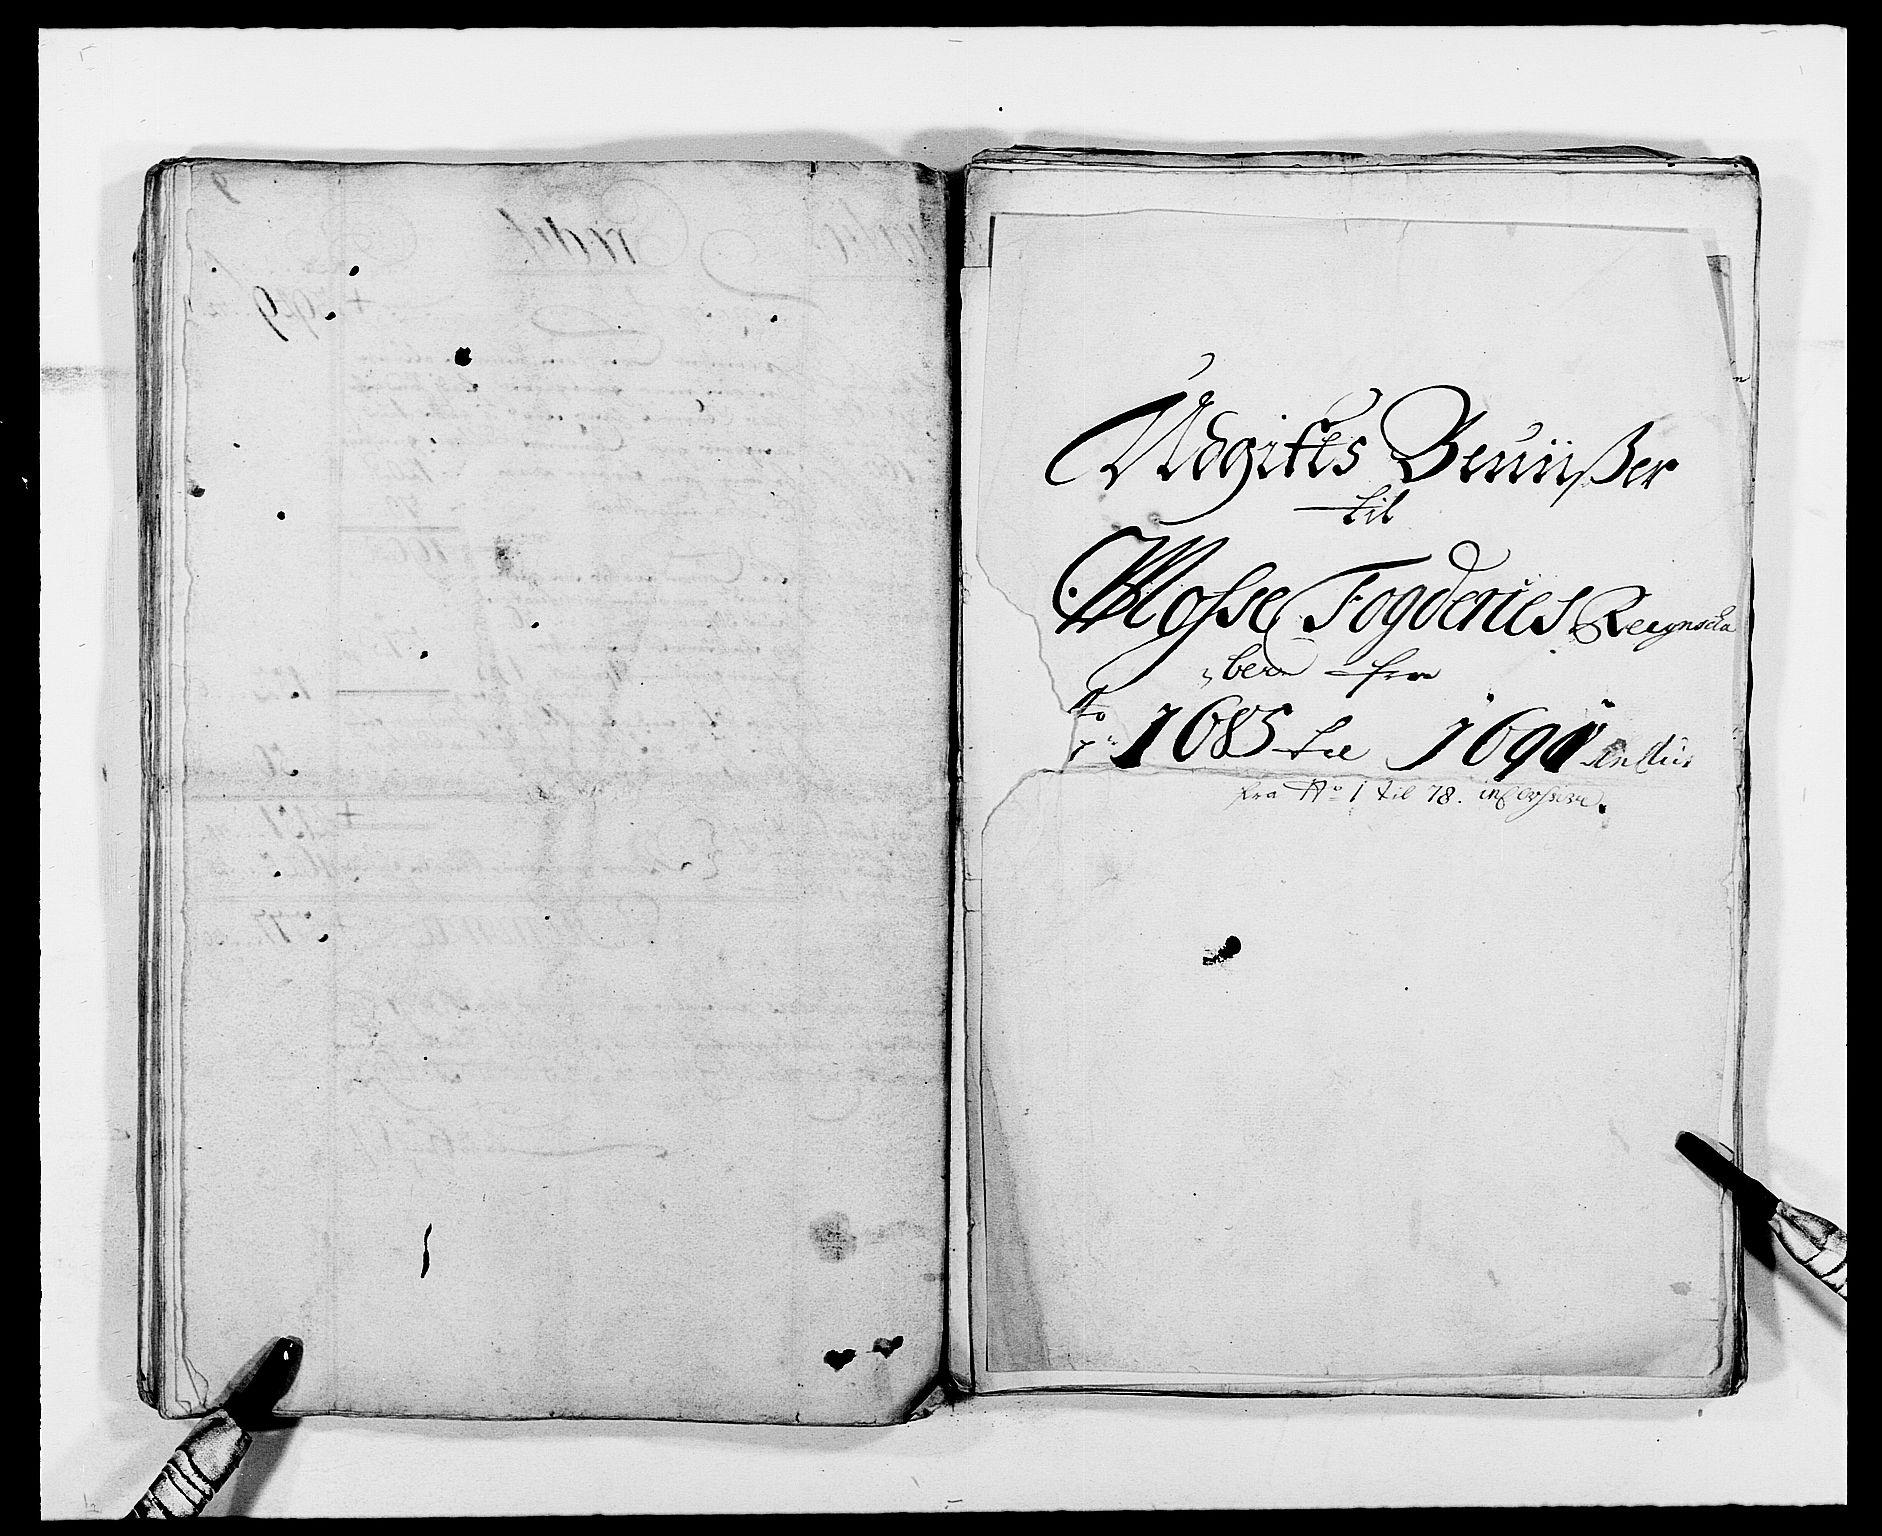 RA, Rentekammeret inntil 1814, Reviderte regnskaper, Fogderegnskap, R02/L0107: Fogderegnskap Moss og Verne kloster, 1685-1691, s. 59